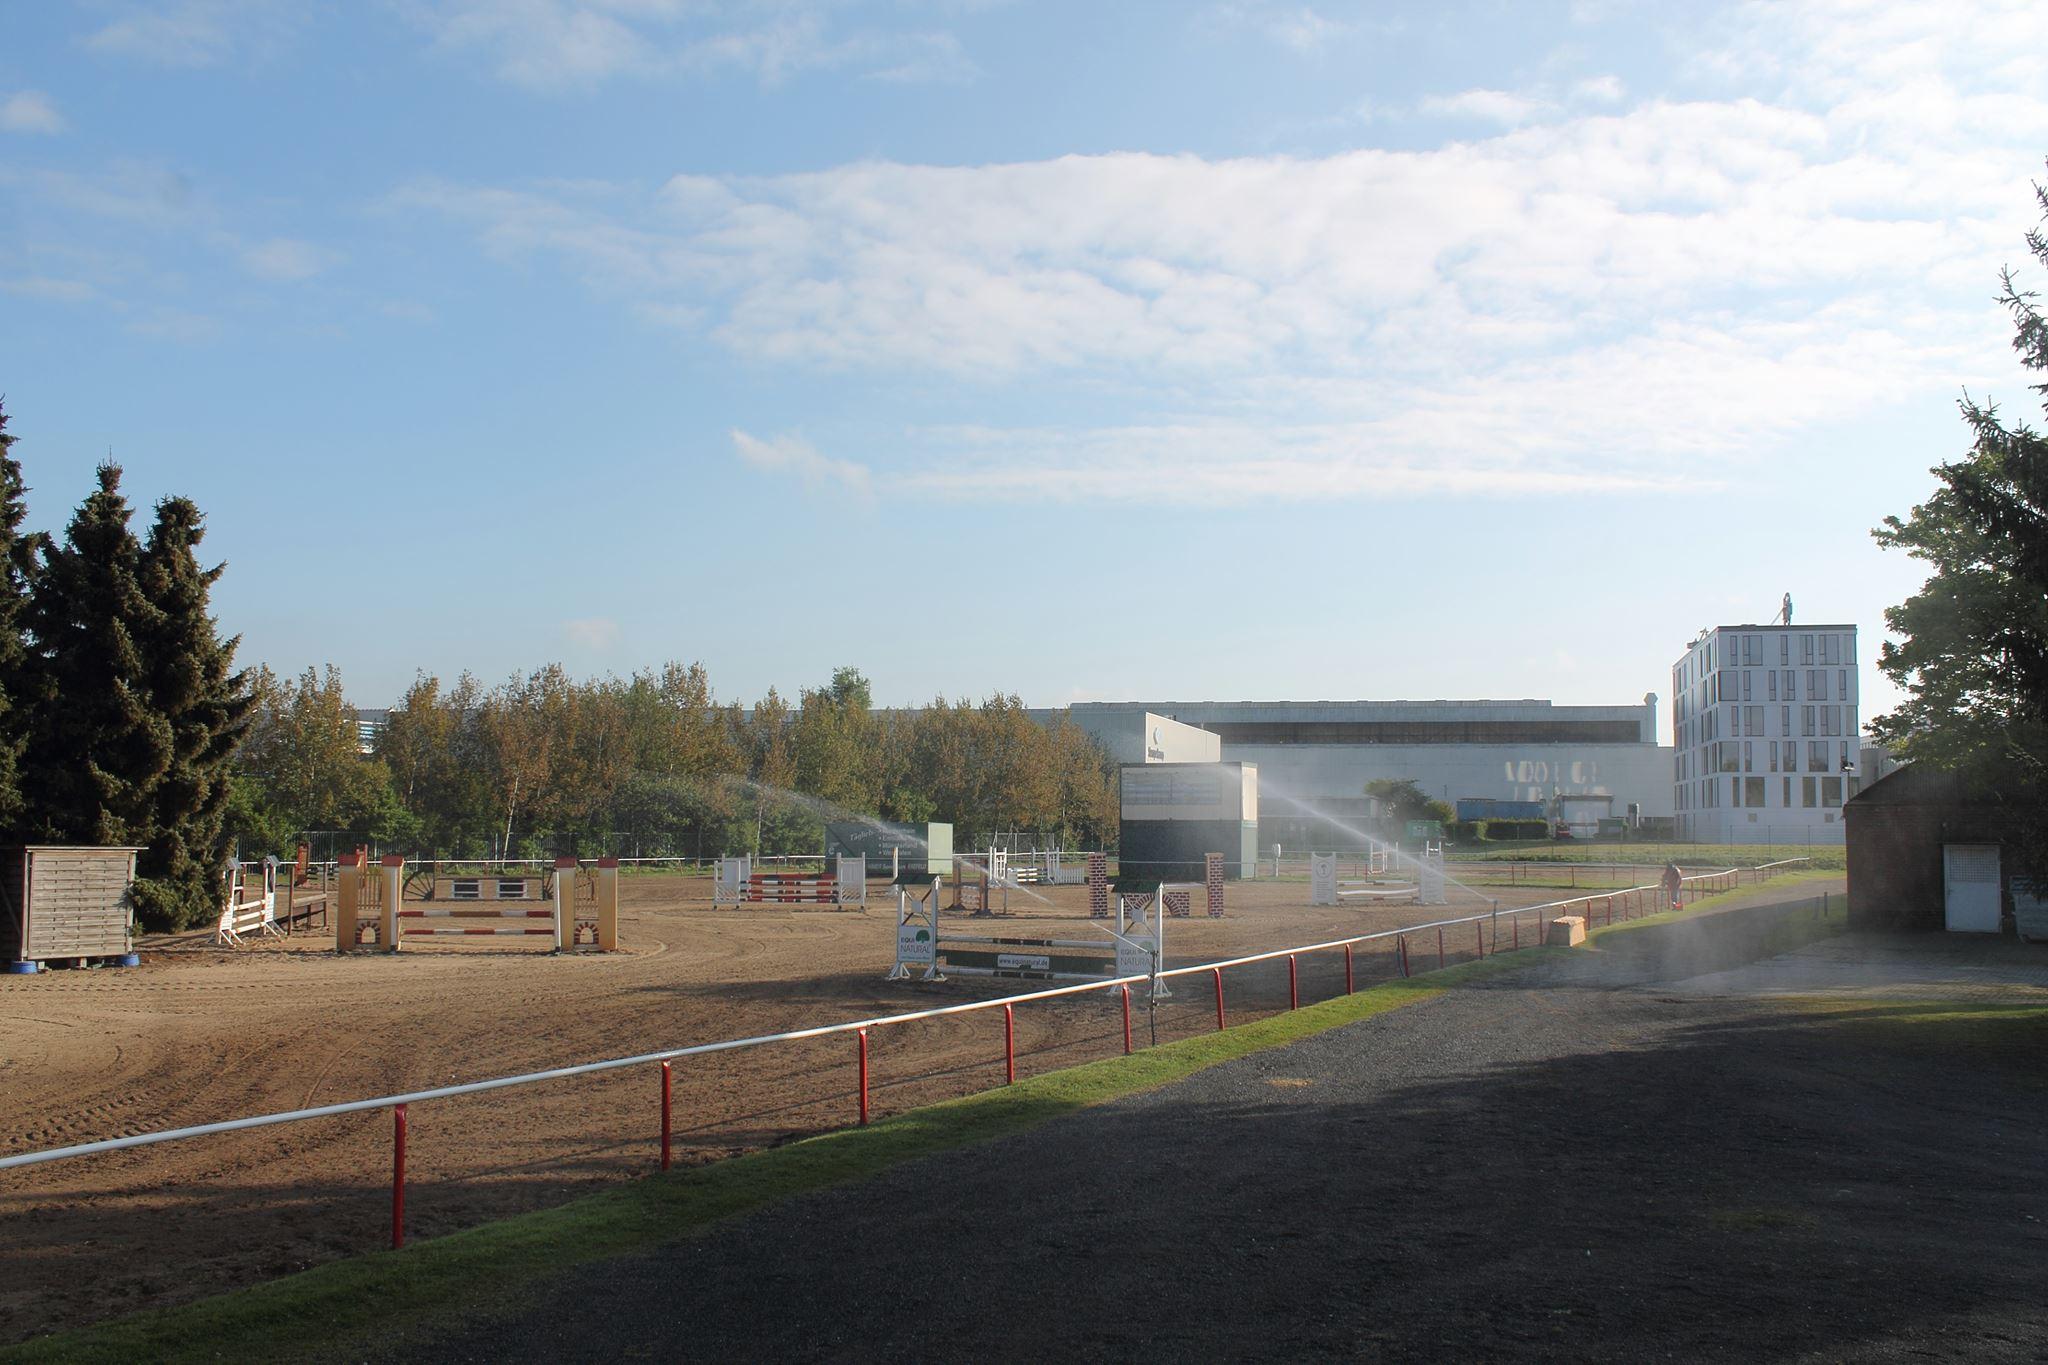 Das stimmungsvolle Turnier des Pony- Reit- und Fahrclubs Krefeld bietet für die erste Qualifikation zum PEMAG Ü40-Cup beste Bedingungen. Foto: privat